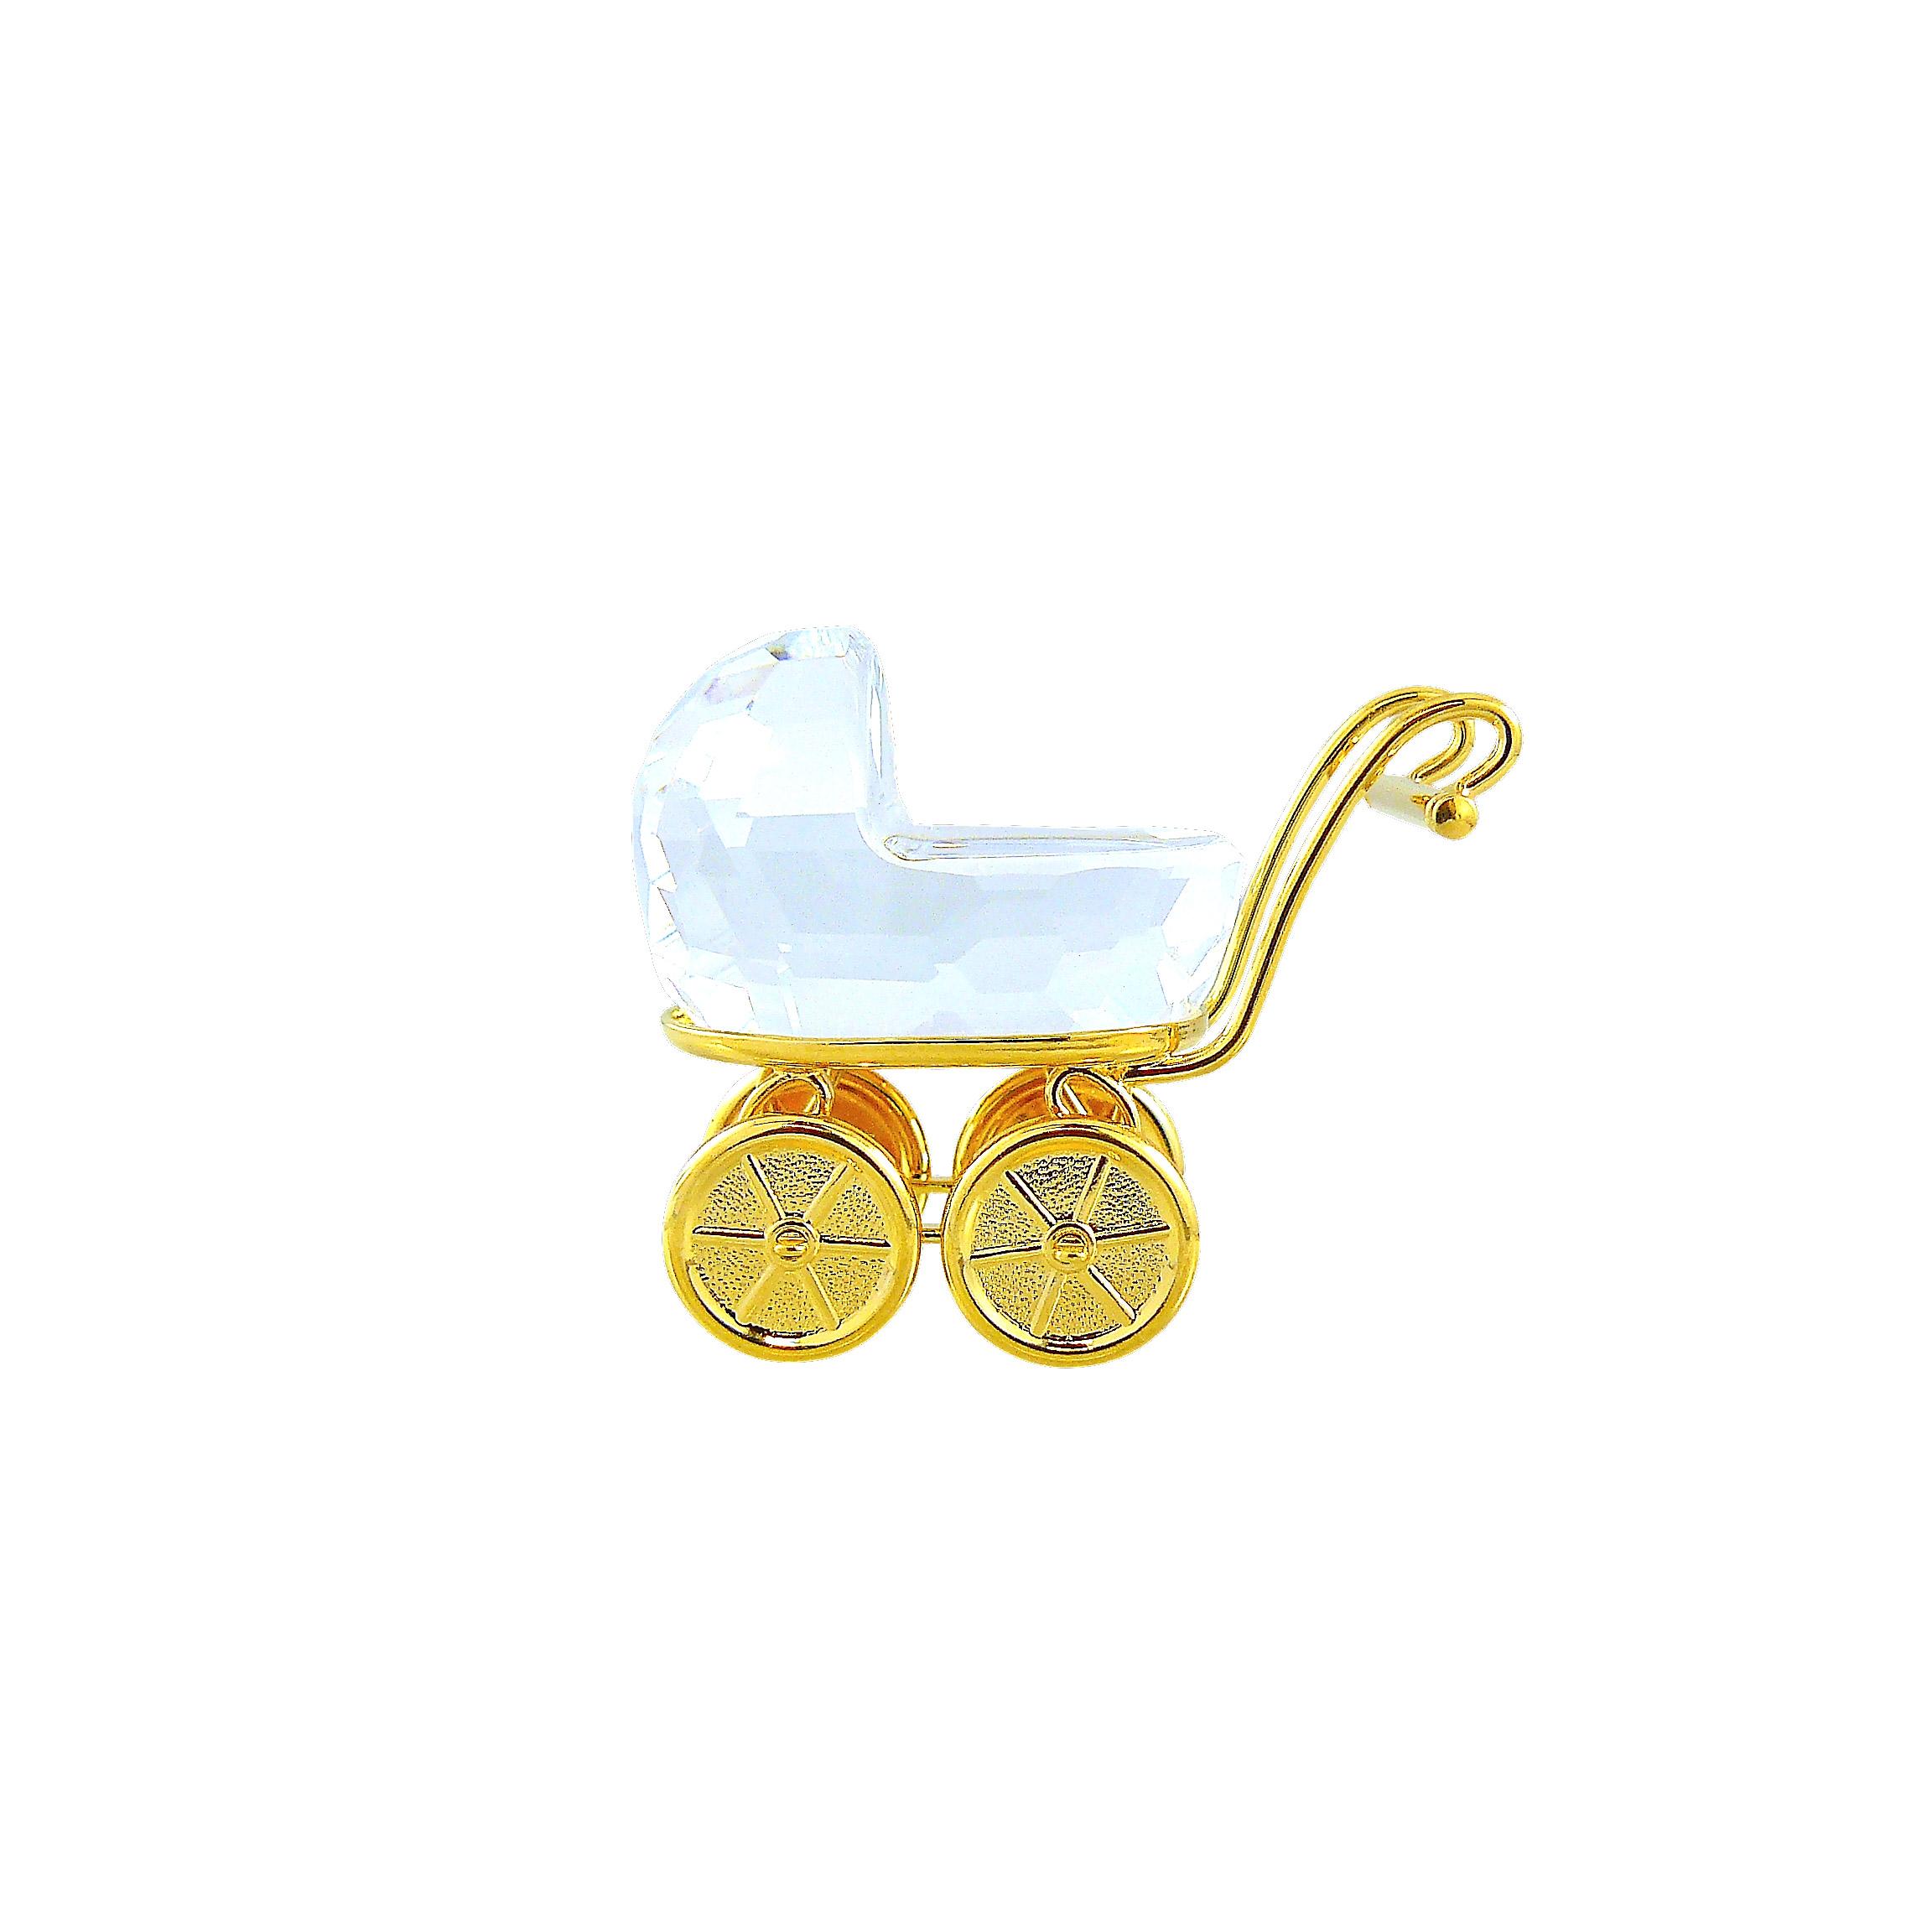 Swarovski Crystal Διακοσμητικό Παιδικό Καροτσάκι